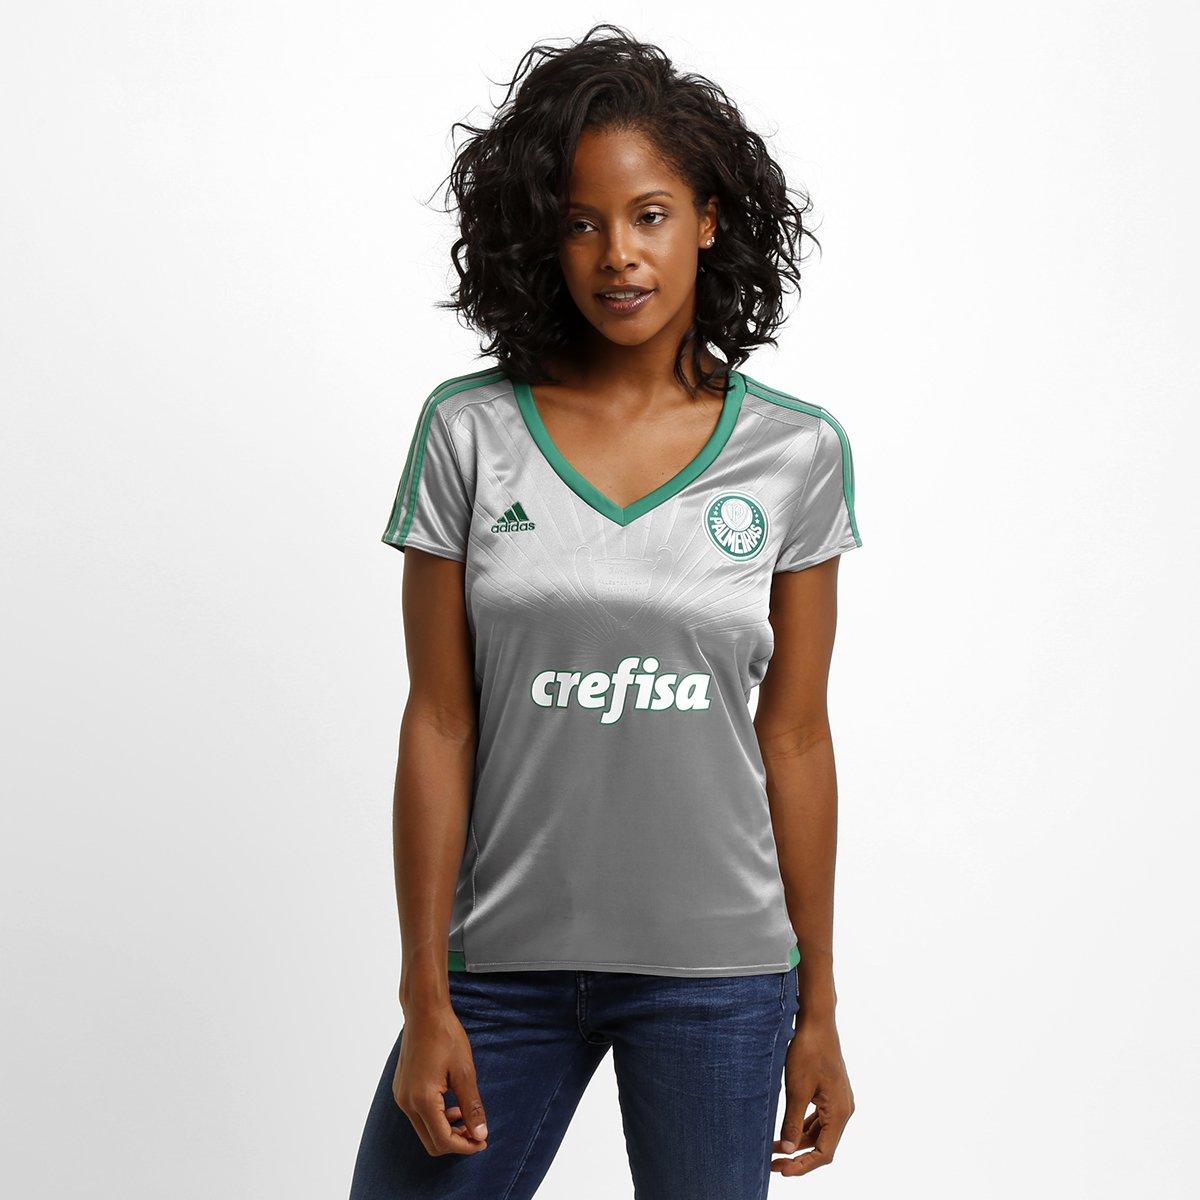 b211efaf45d1f Camisa Feminina Adidas Palmeiras III 15 16 s nº - Compre Agora ...